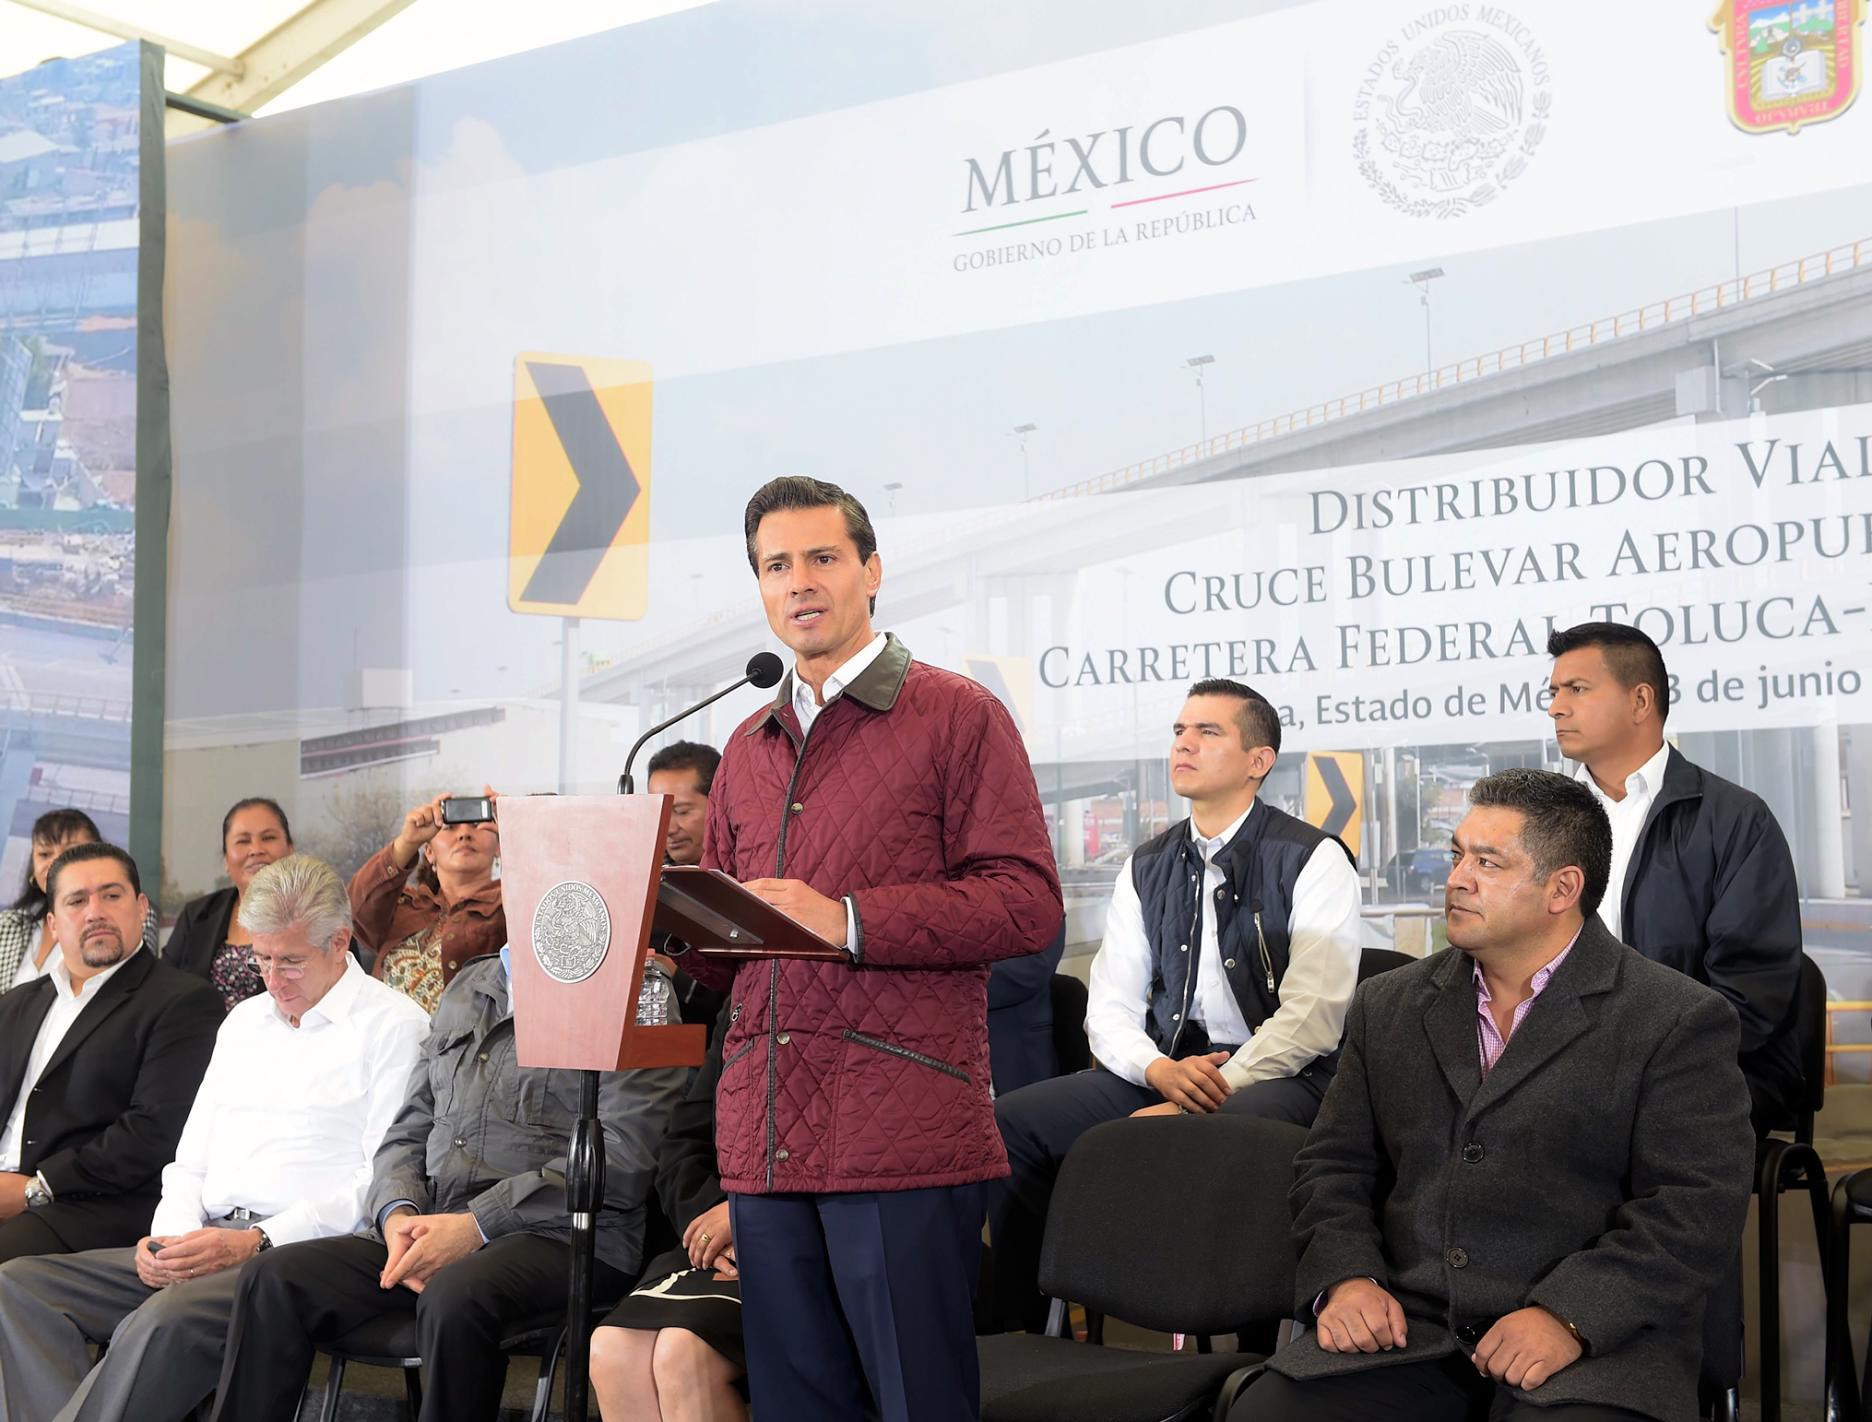 La meta trazada para esta Administración es construir 52 nuevas autopistas, con una extensión de más de 3 mil kilómetros.